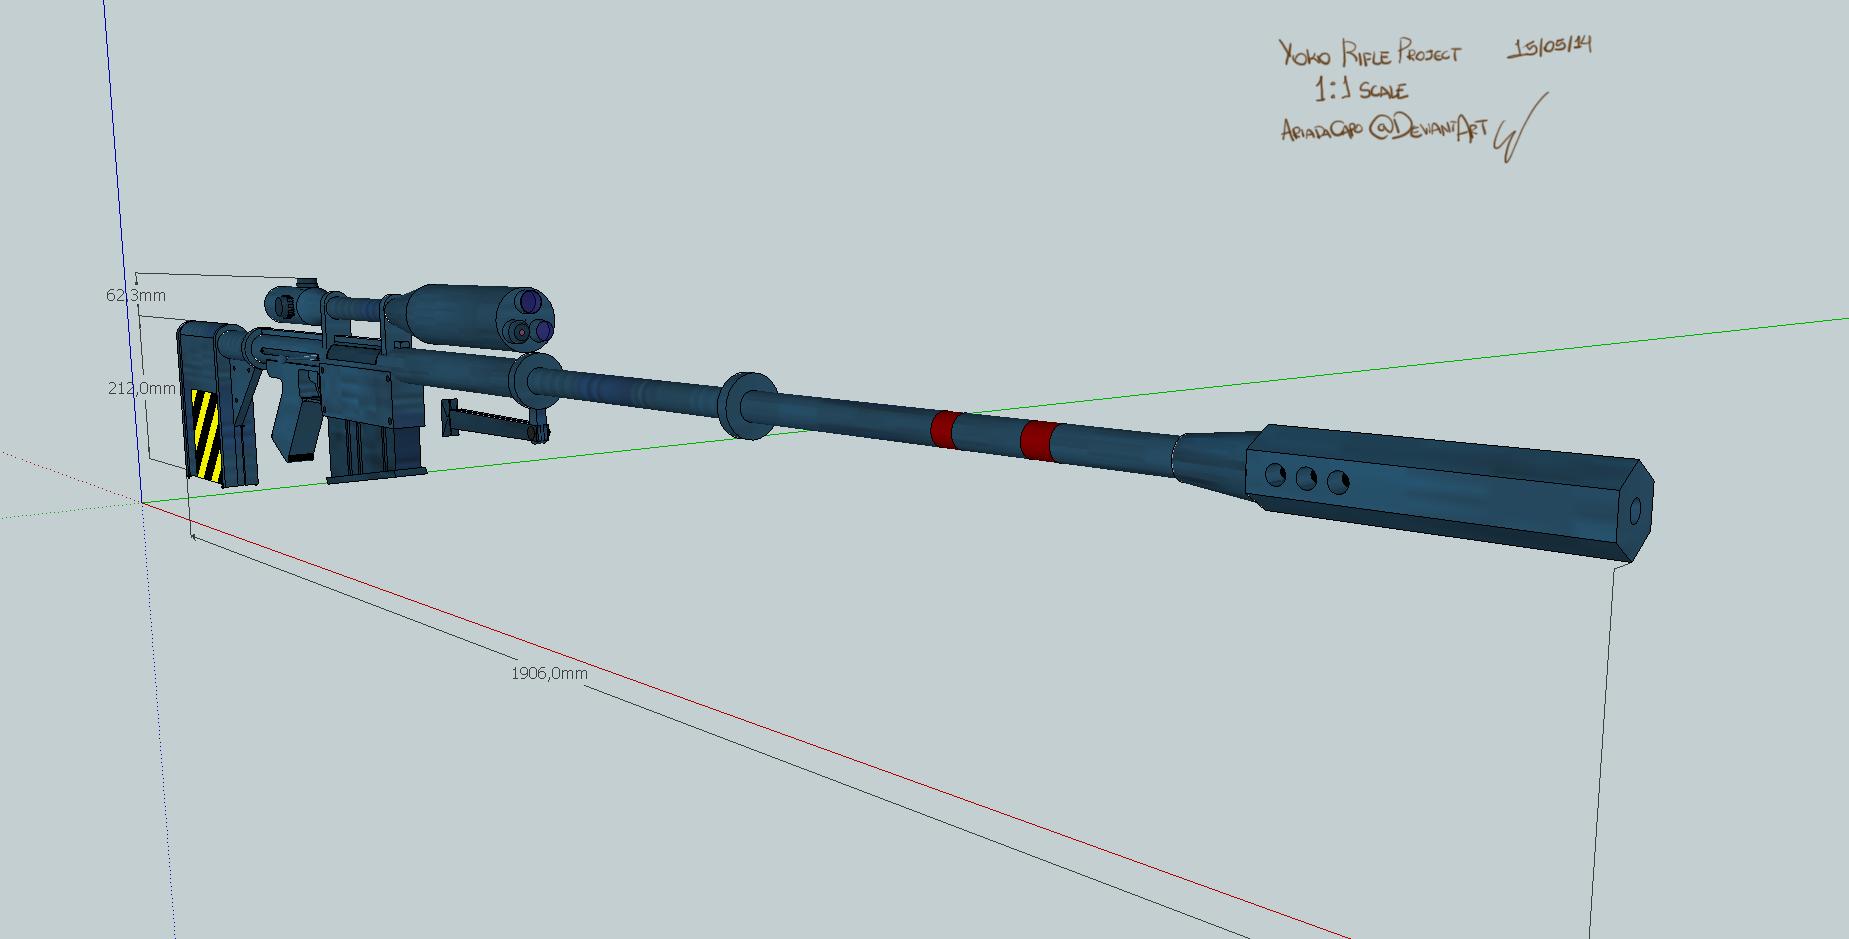 Yoko's Sniper Rifle - Sketchup design